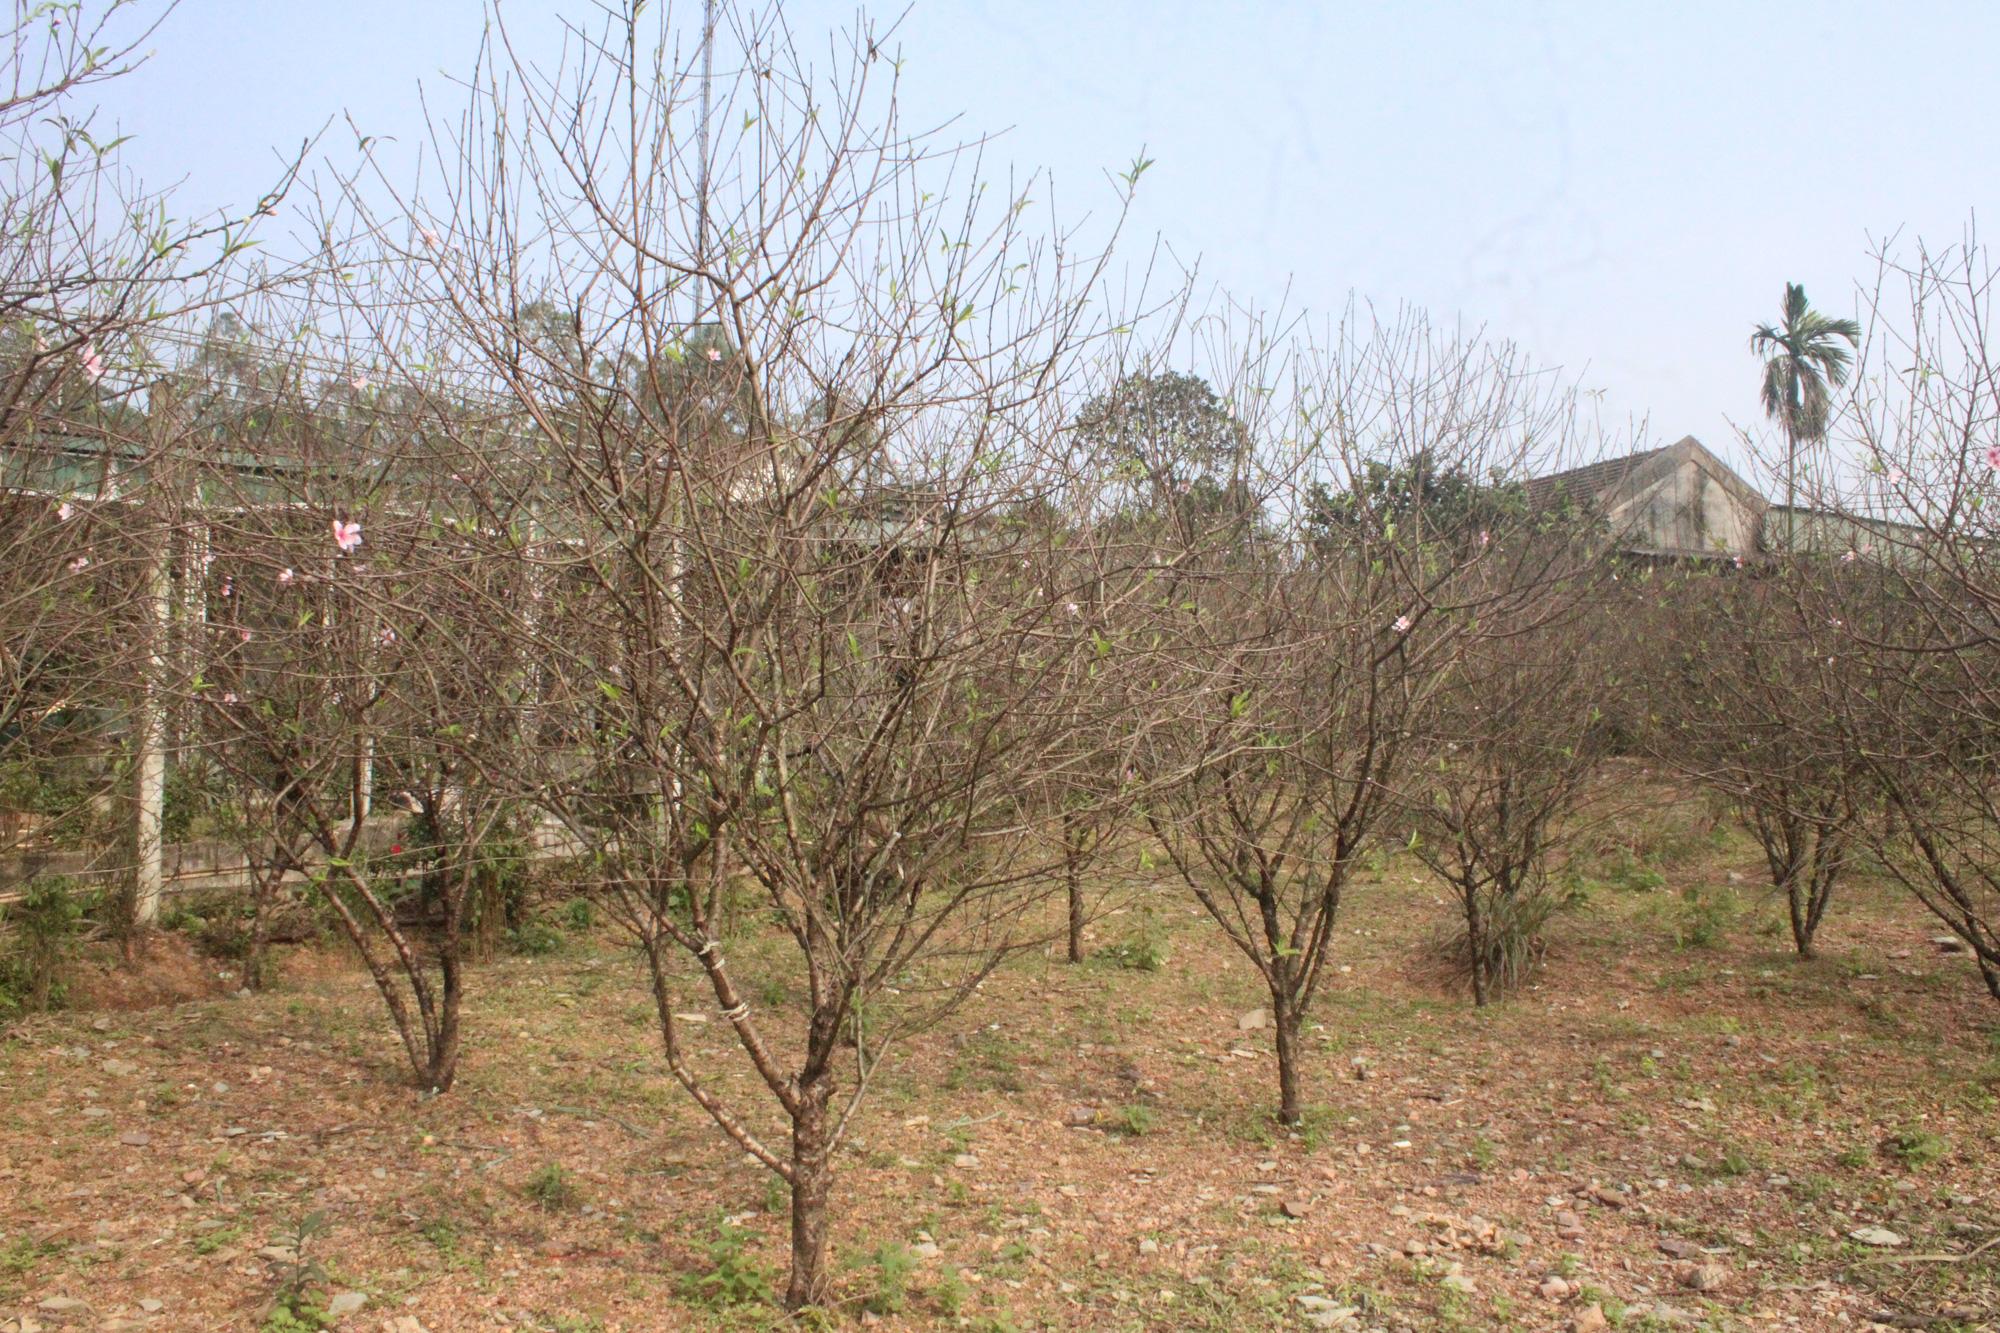 Đào rừng bị cấm, thủ phủ đào phai ở Hà Tĩnh hút khách - Ảnh 1.